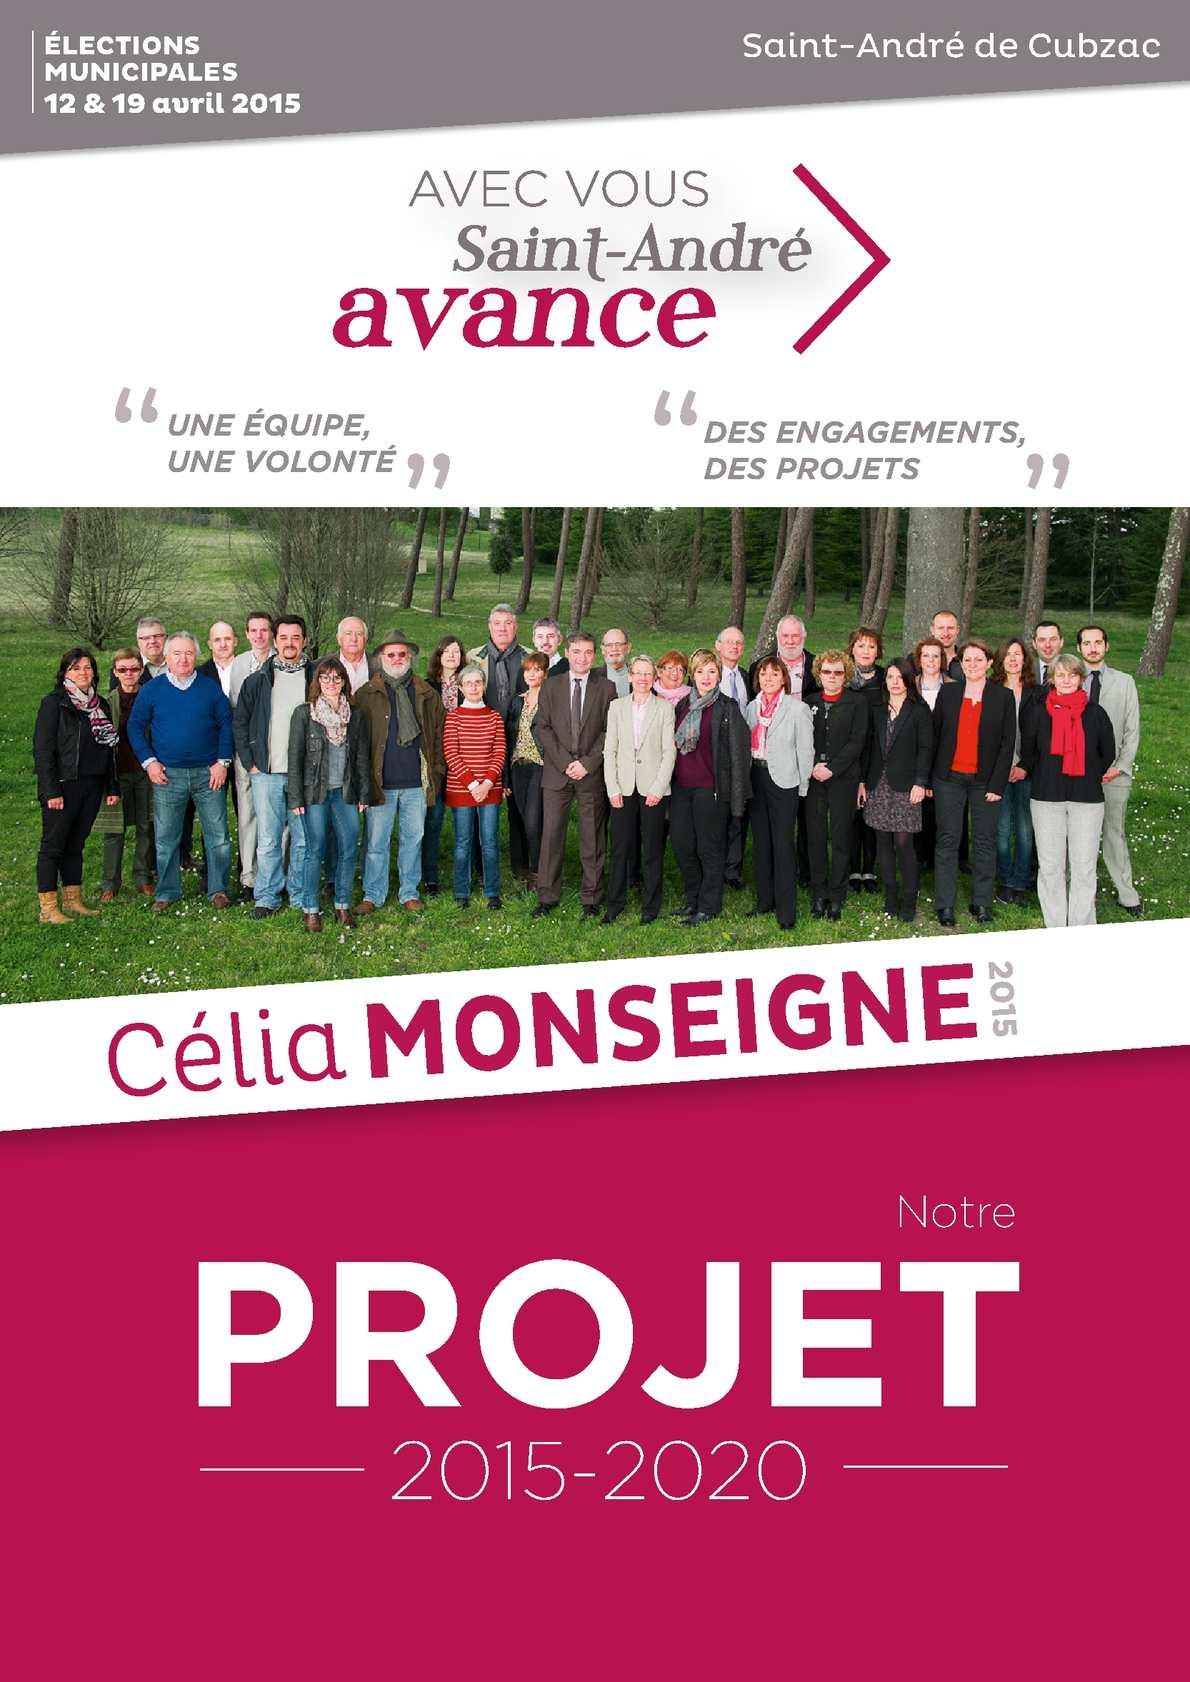 Projet Piscine Saint Andre De Cubzac calaméo - projet 2015-2020 avec vous, st-andré avance